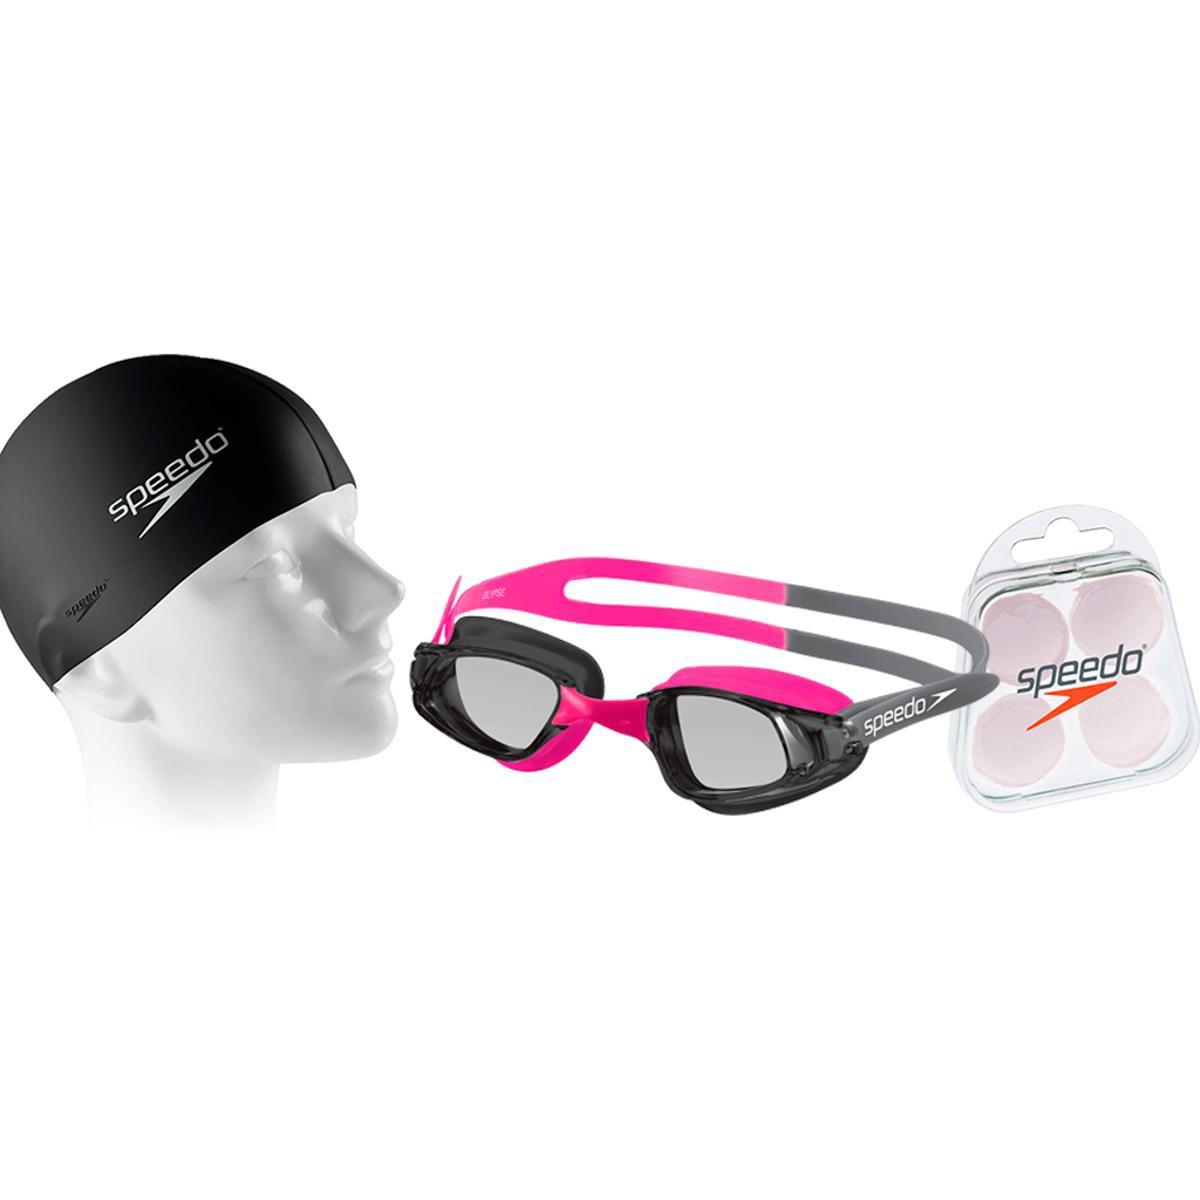 8a1ec8a222440 Kit Natação Óculos Glypse + Protetor e Touca - Compre Agora